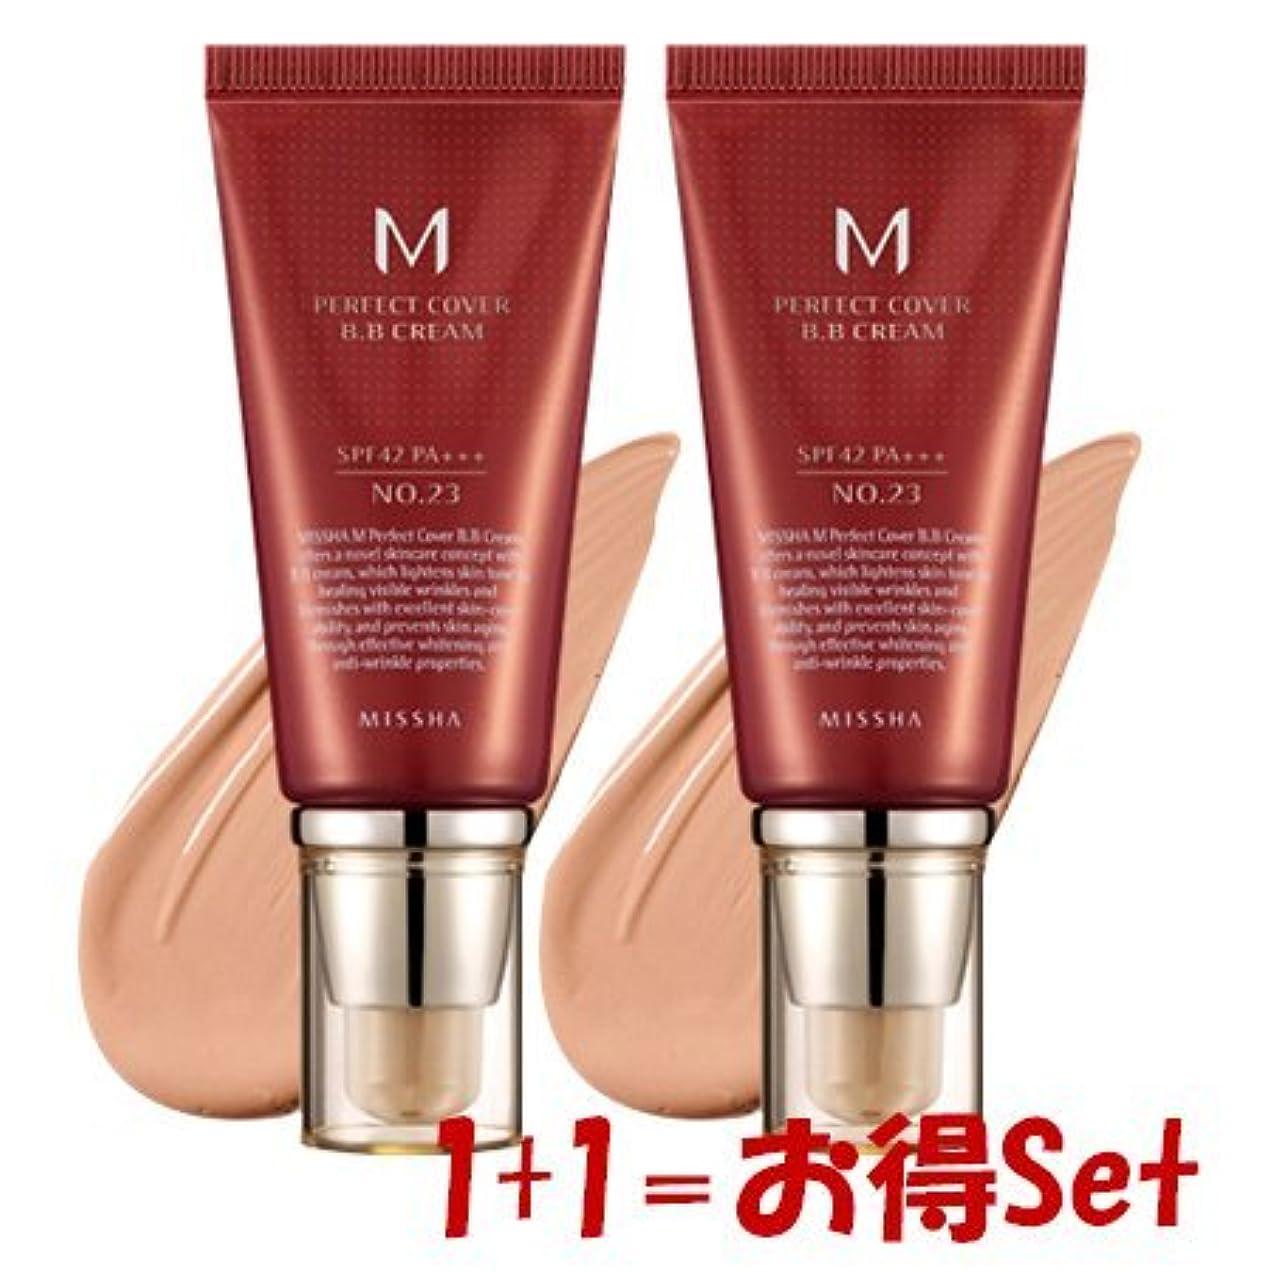 略すまばたき心からMISSHA(ミシャ) M Perfect Cover パーフェクトカバーBBクリーム 23号+23号(1+1=お得Set)